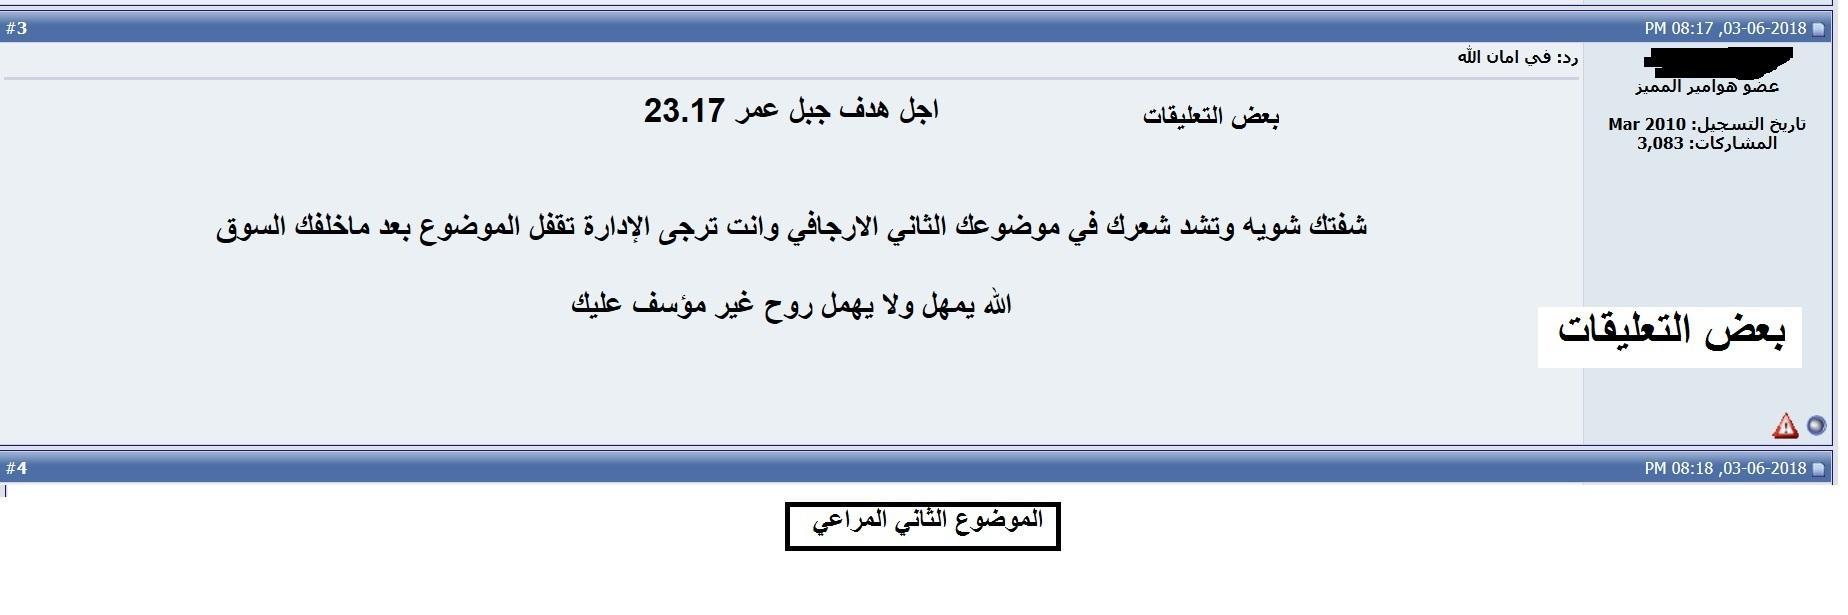 متابعة هدف جبل عمر 23.17